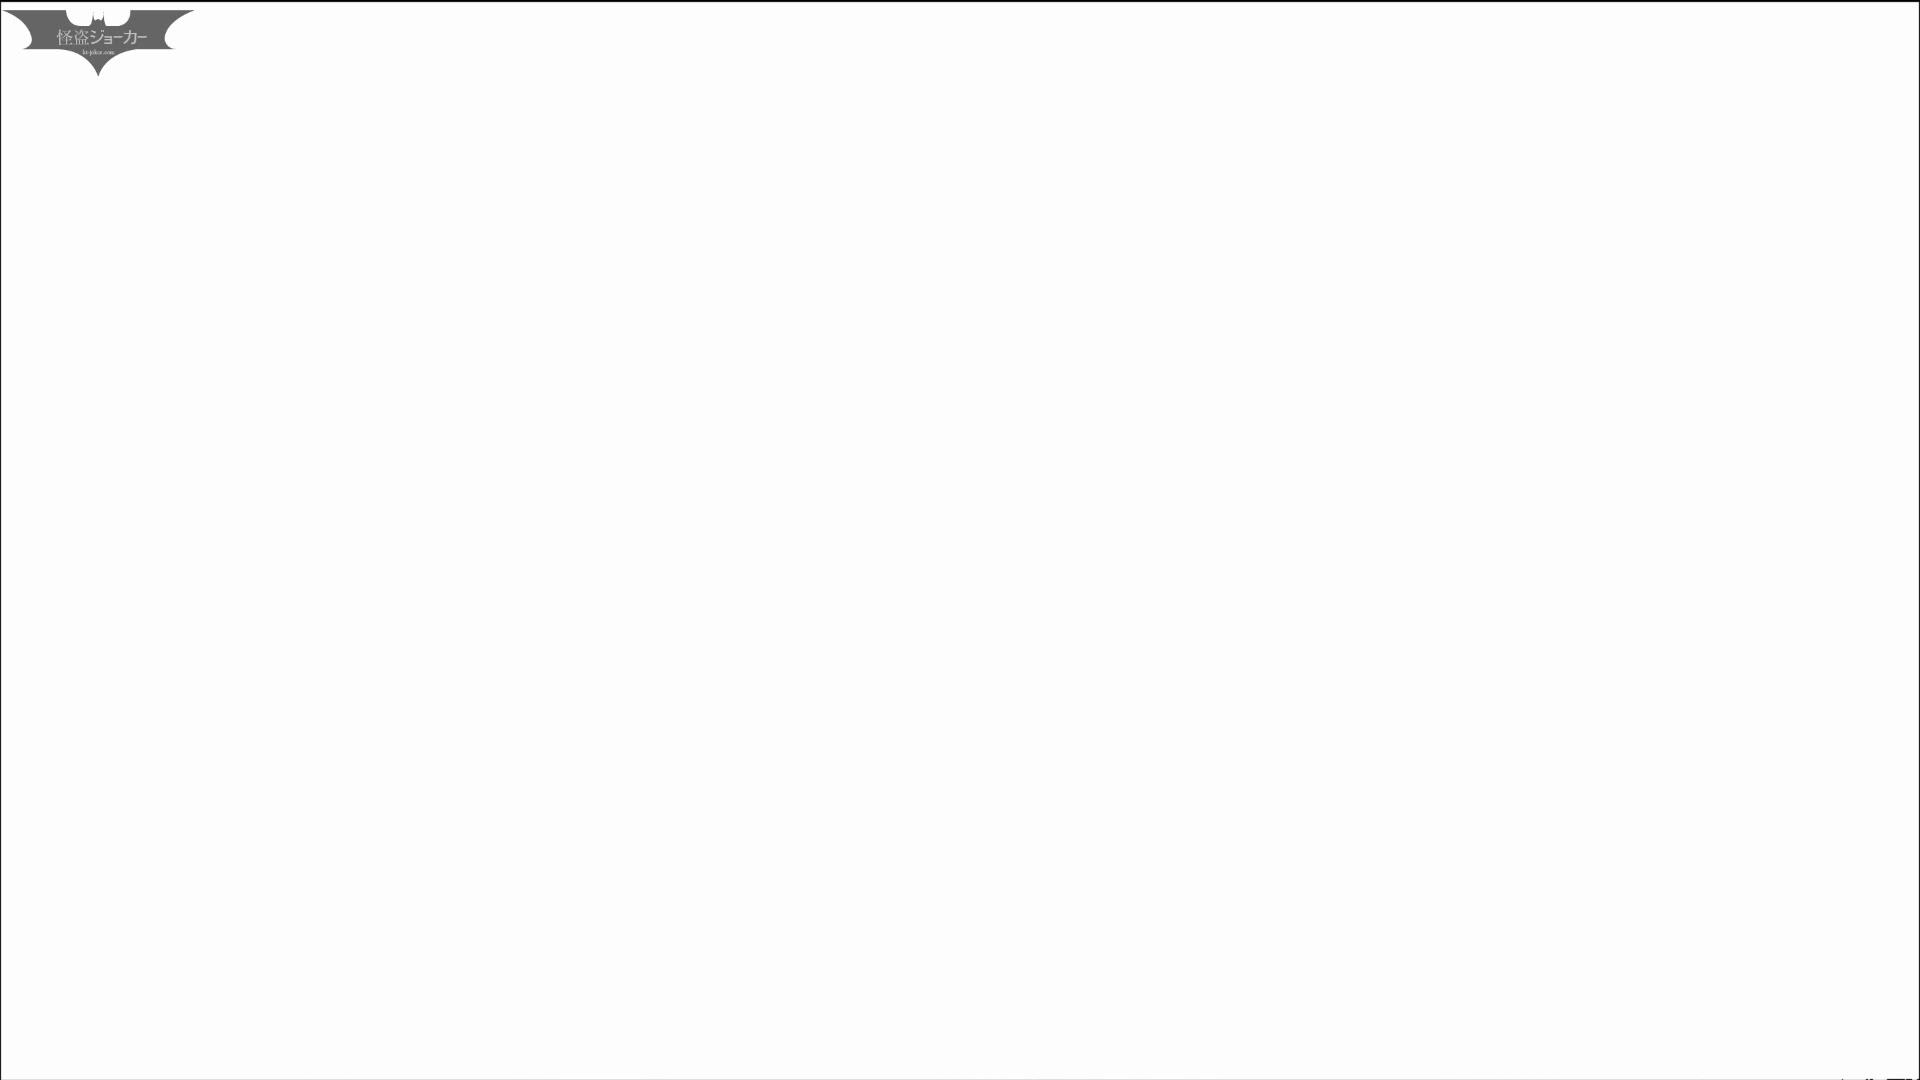 新世界の射窓 No66 一か月ぶりの復活,値下げ宣言!! エッチなお姉さん アダルト動画キャプチャ 104画像 46